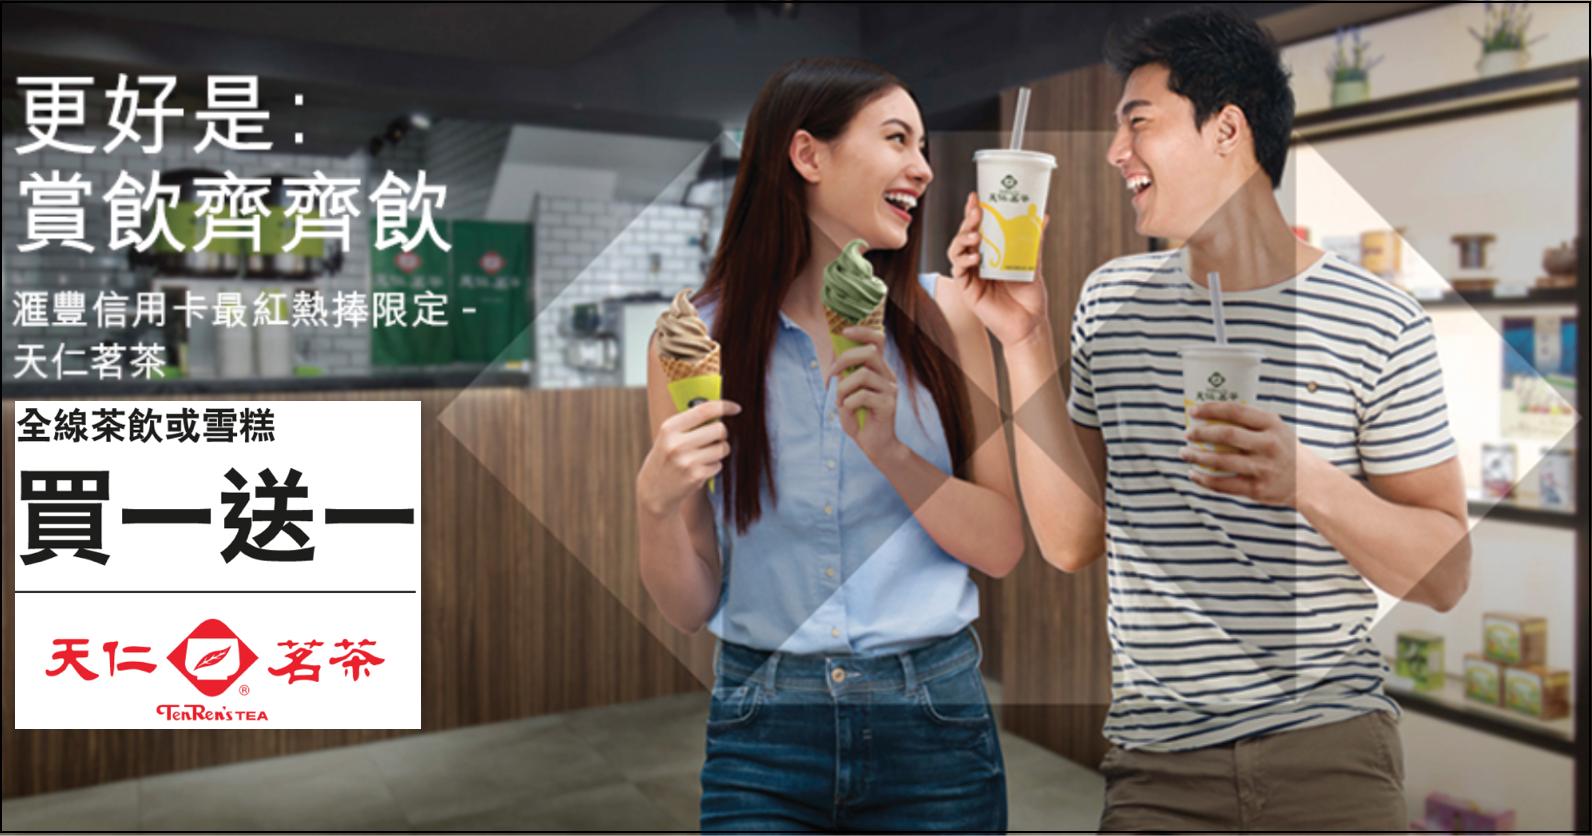 勁抵呀!HSBC 信用卡最紅熱捧優惠又黎啦!7月12日至18日天仁茗茶全線茶飲或雪糕買一送一!